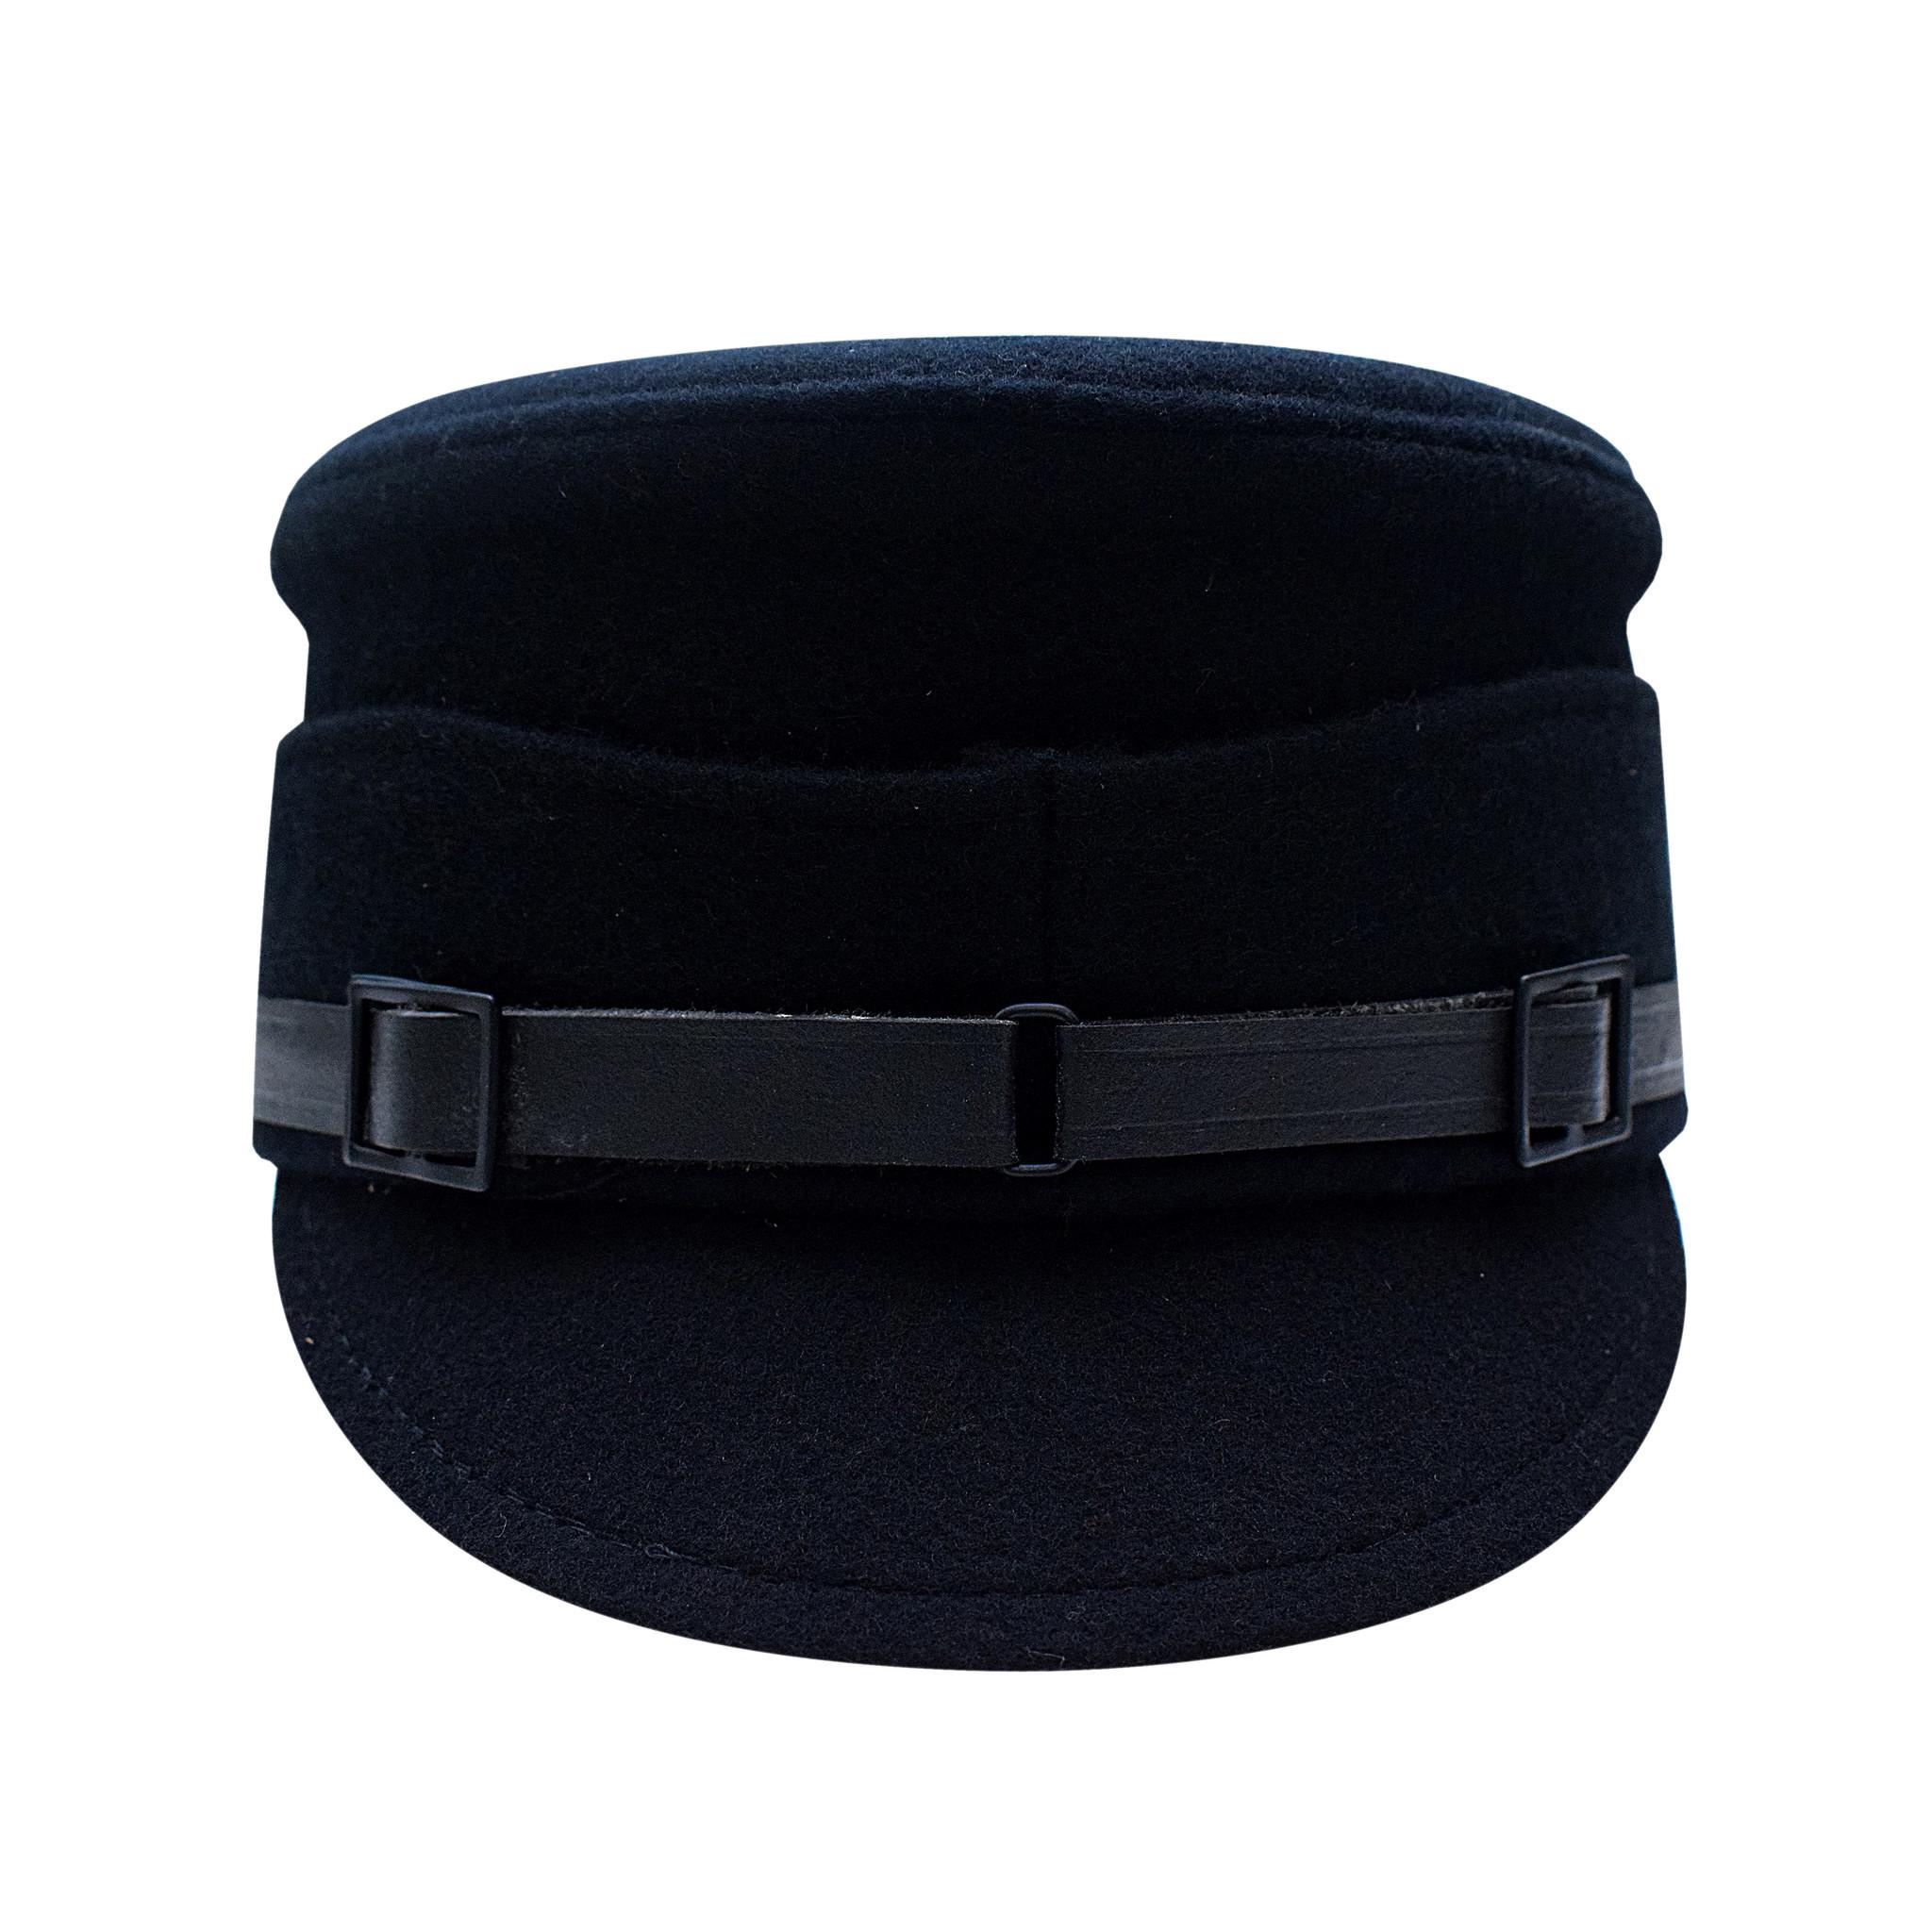 Schaftmütze M32 schwarz Allgemeine Truppe Schirmmütze